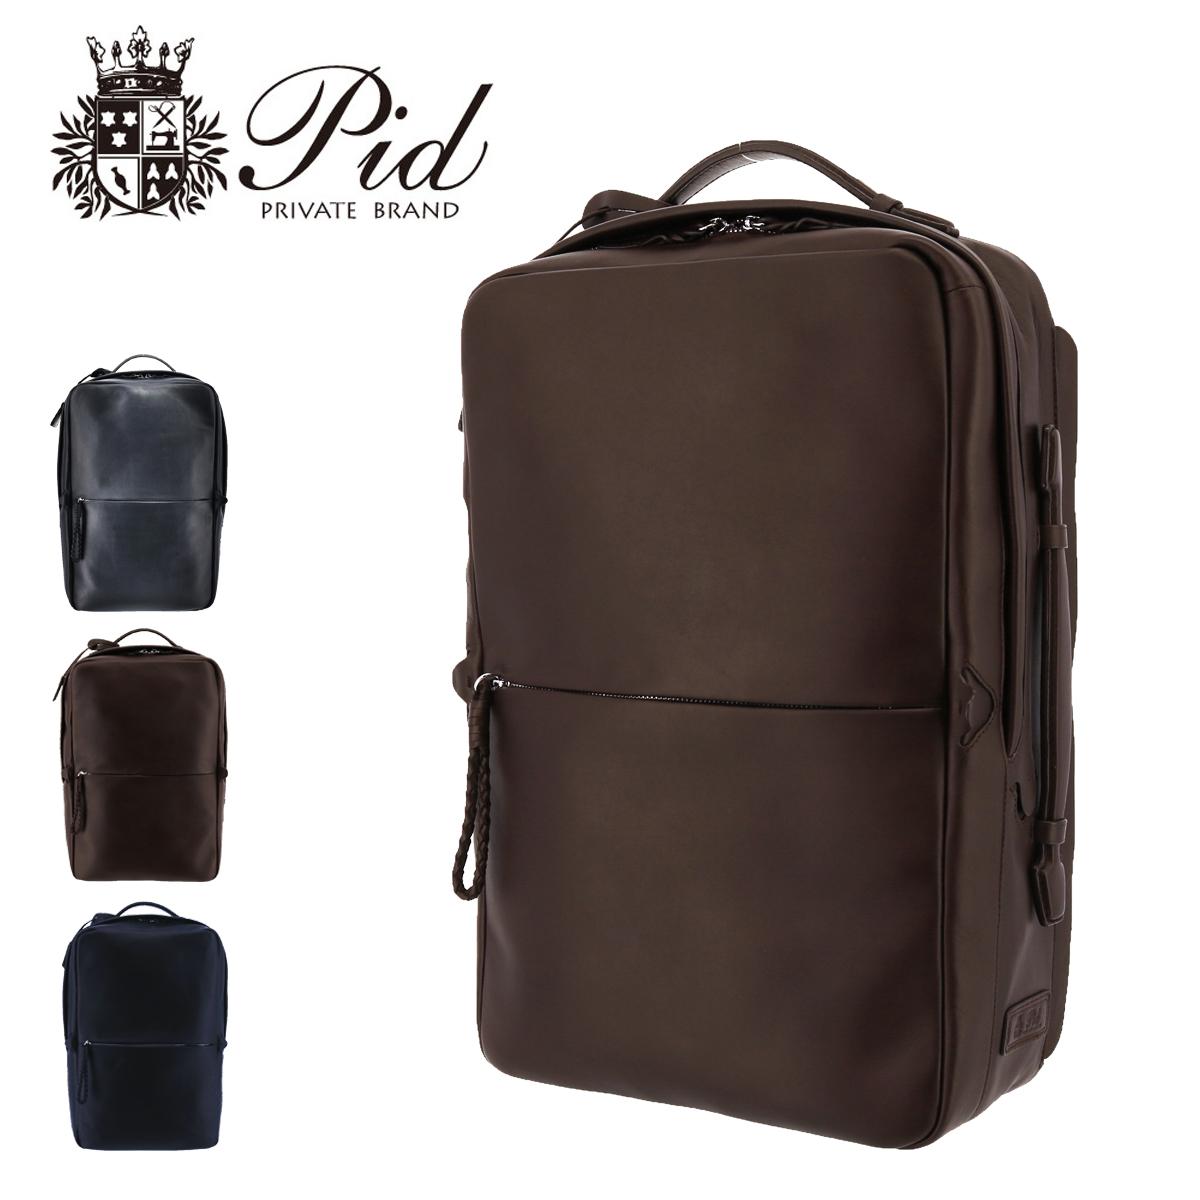 ピーアイディ リュック A4 エクリール メンズ PAZ102 PID | ビジネスバッグ ビジネスリュック 撥水 本革 牛革 レザー[PO10]